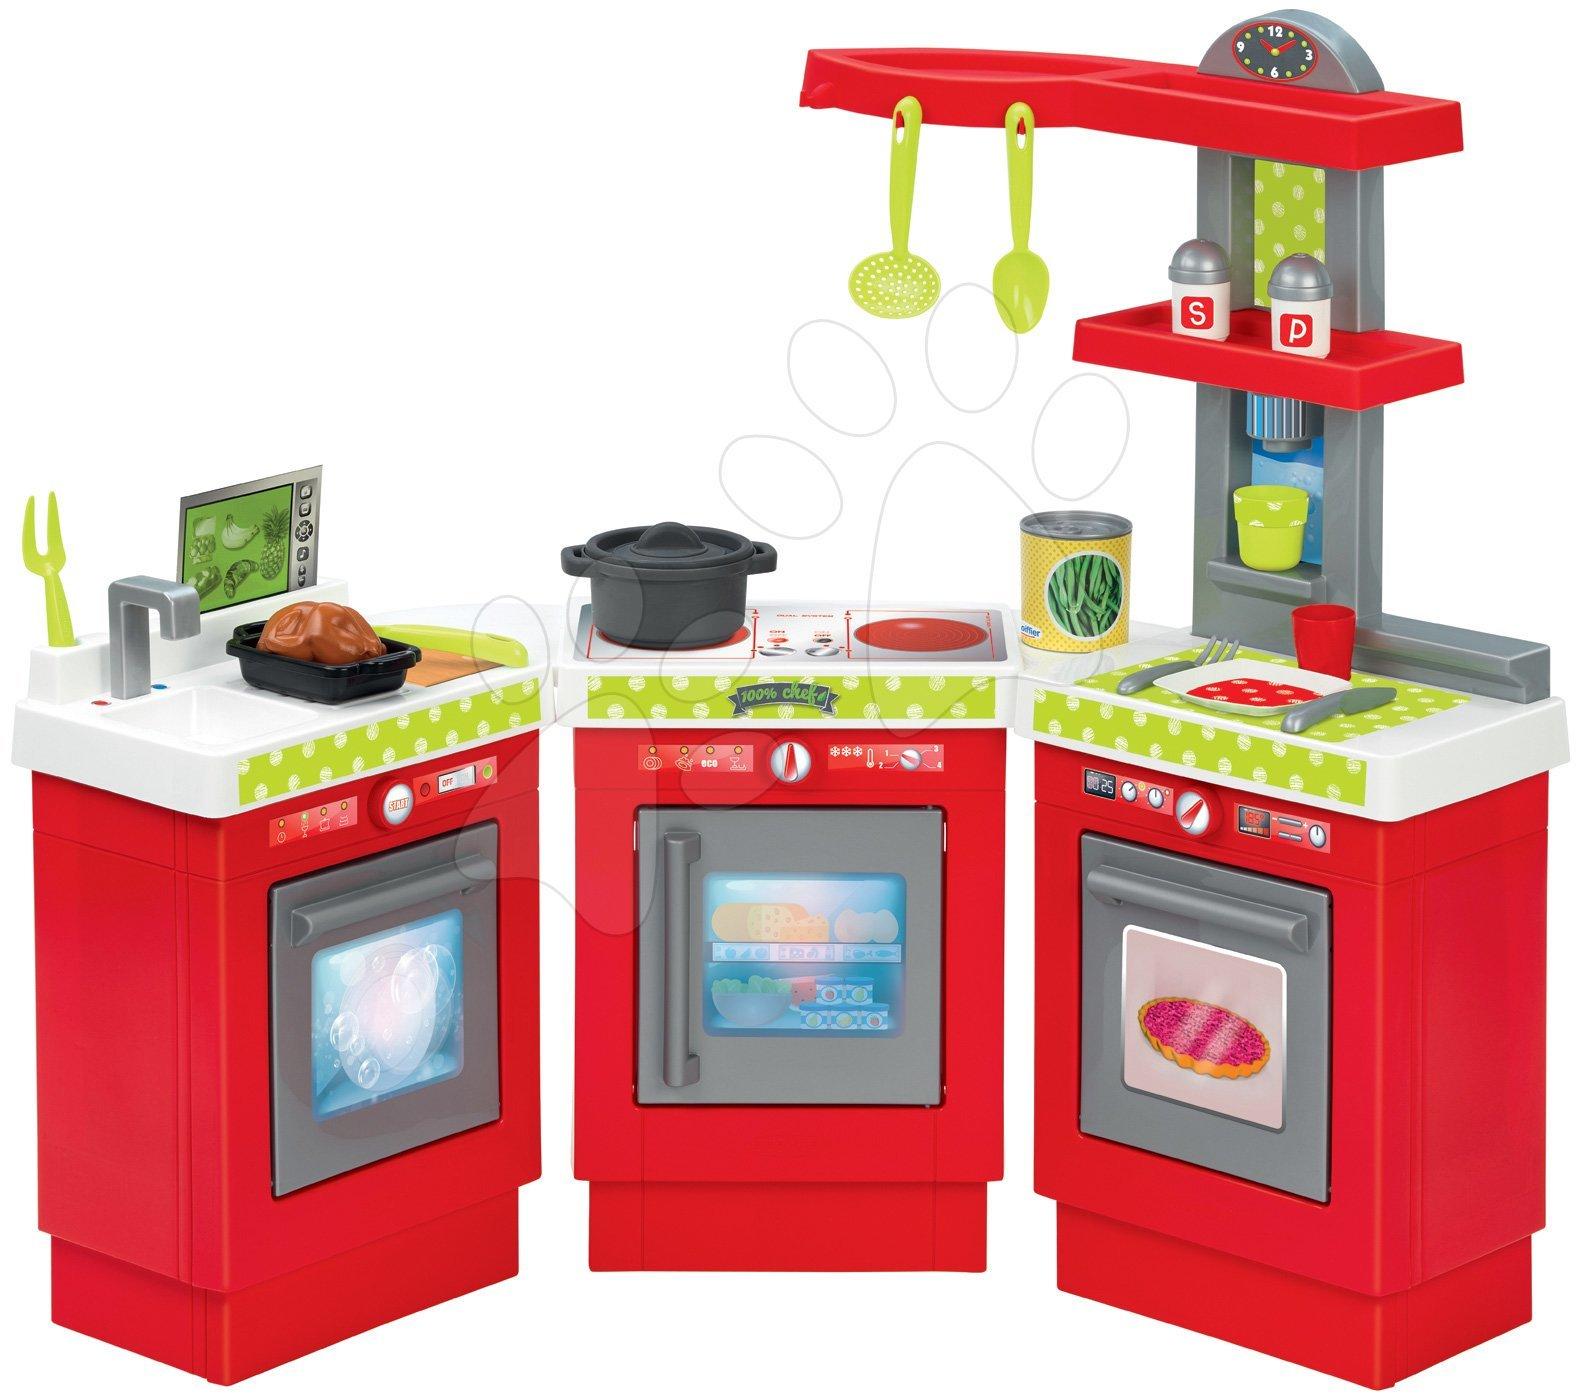 Kuchynka 3-Modules French Écoiffier 3-dielna červeno-strieborná s 21 doplnkami od 18 mes